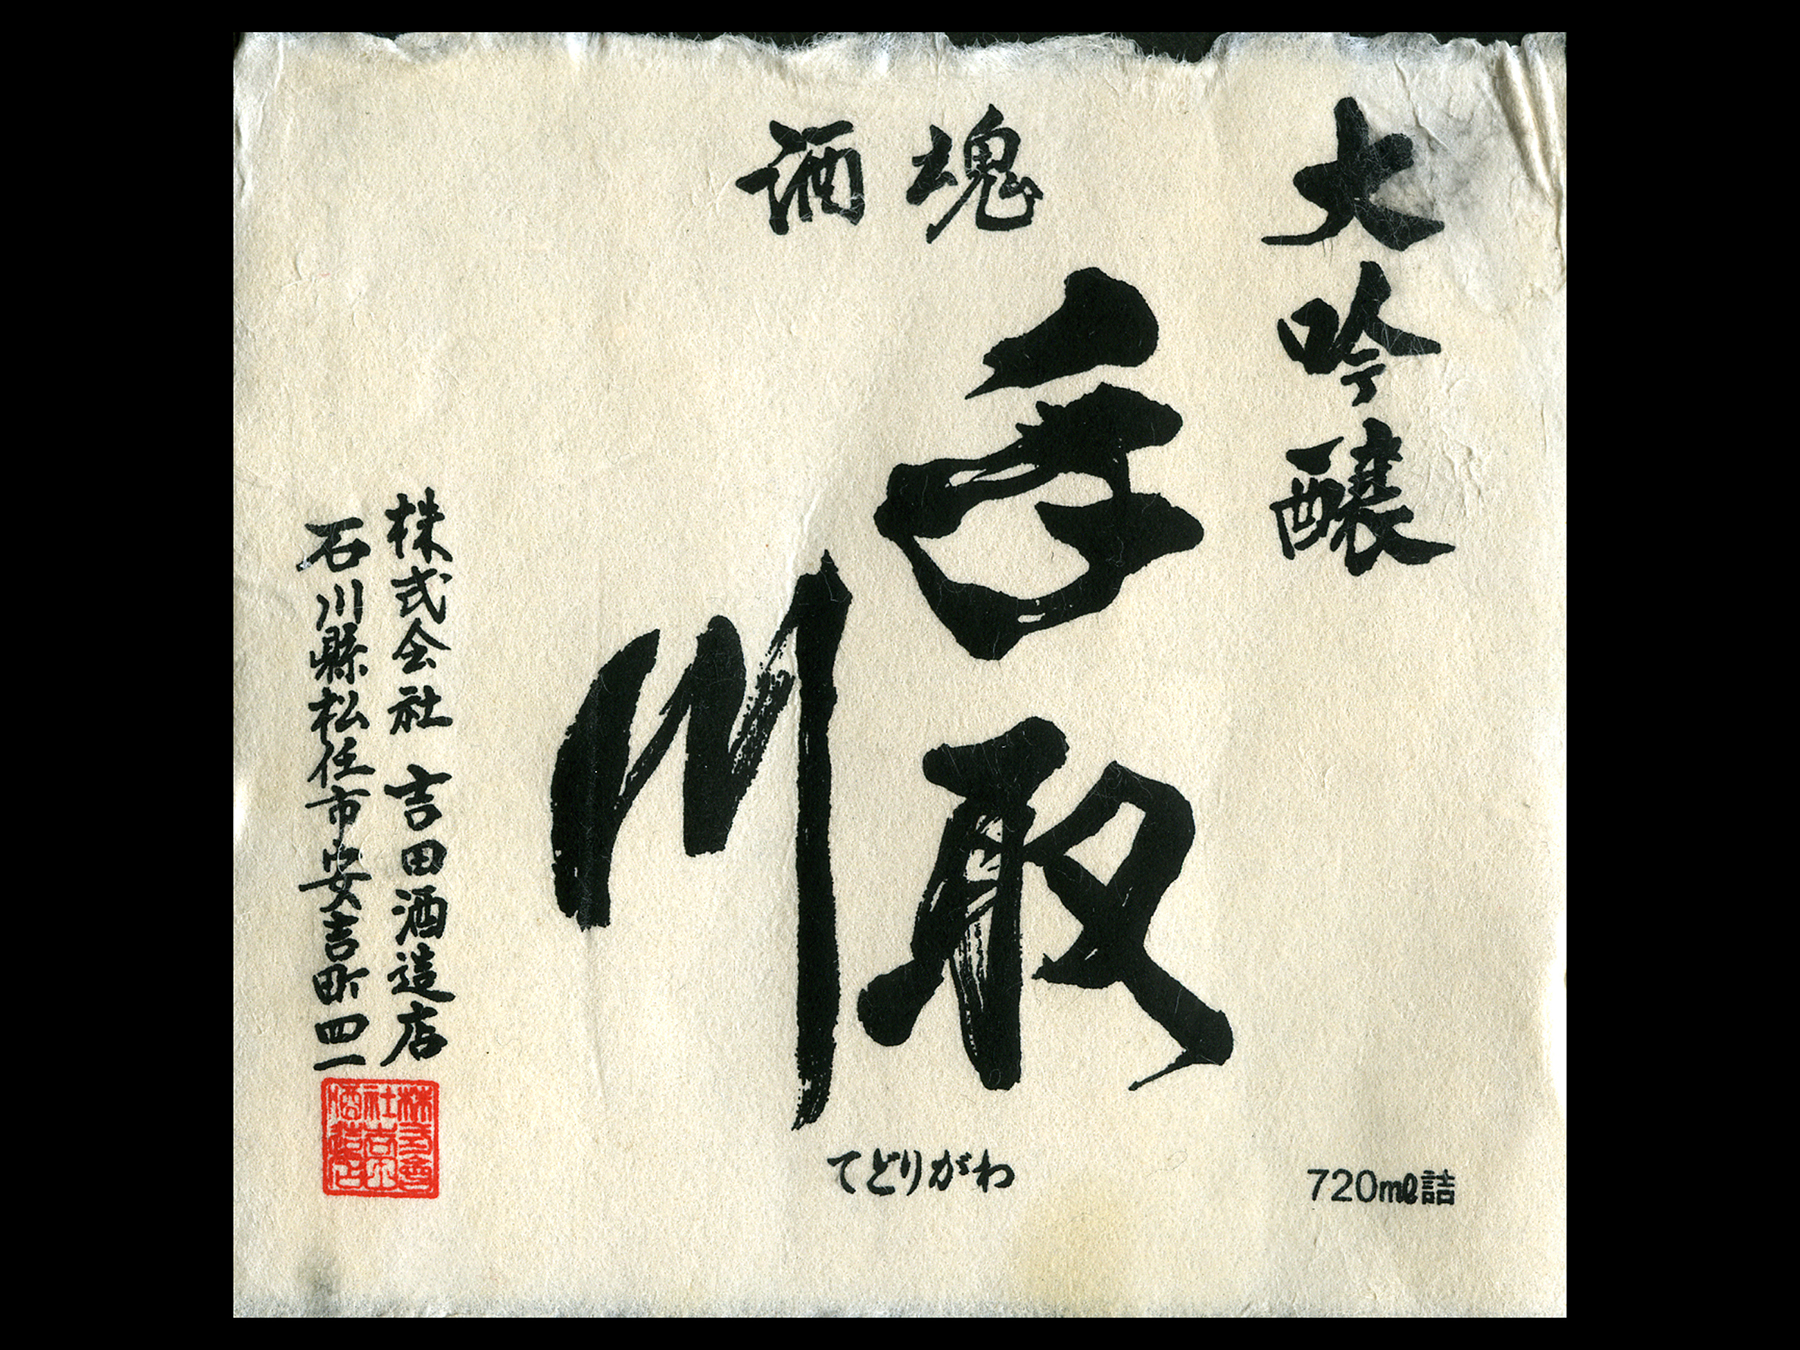 手取川(てどりがわ)「大吟醸」出品酒 2002 優等賞受賞酒ラベル